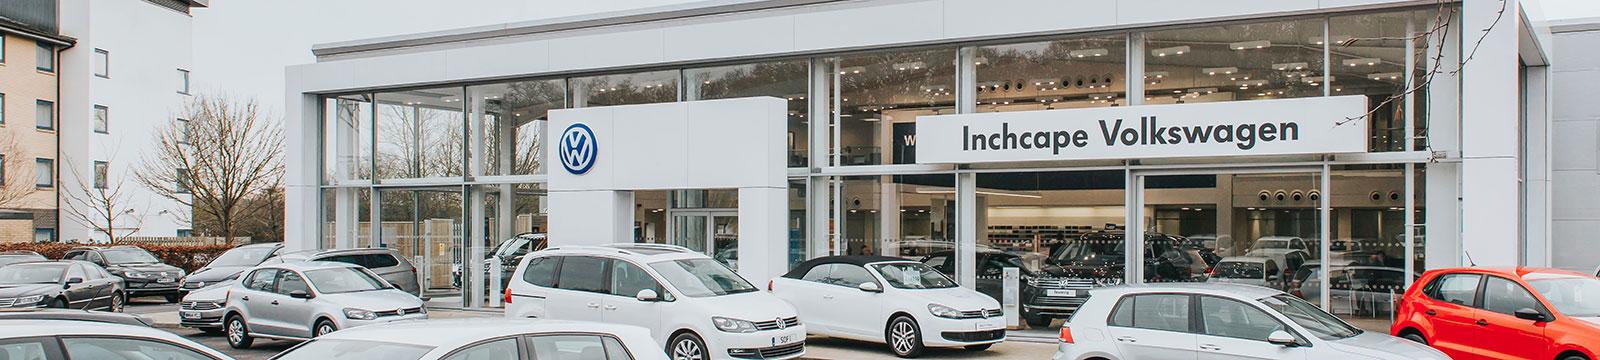 Official UK Volkswagen Dealerships   Inchcape